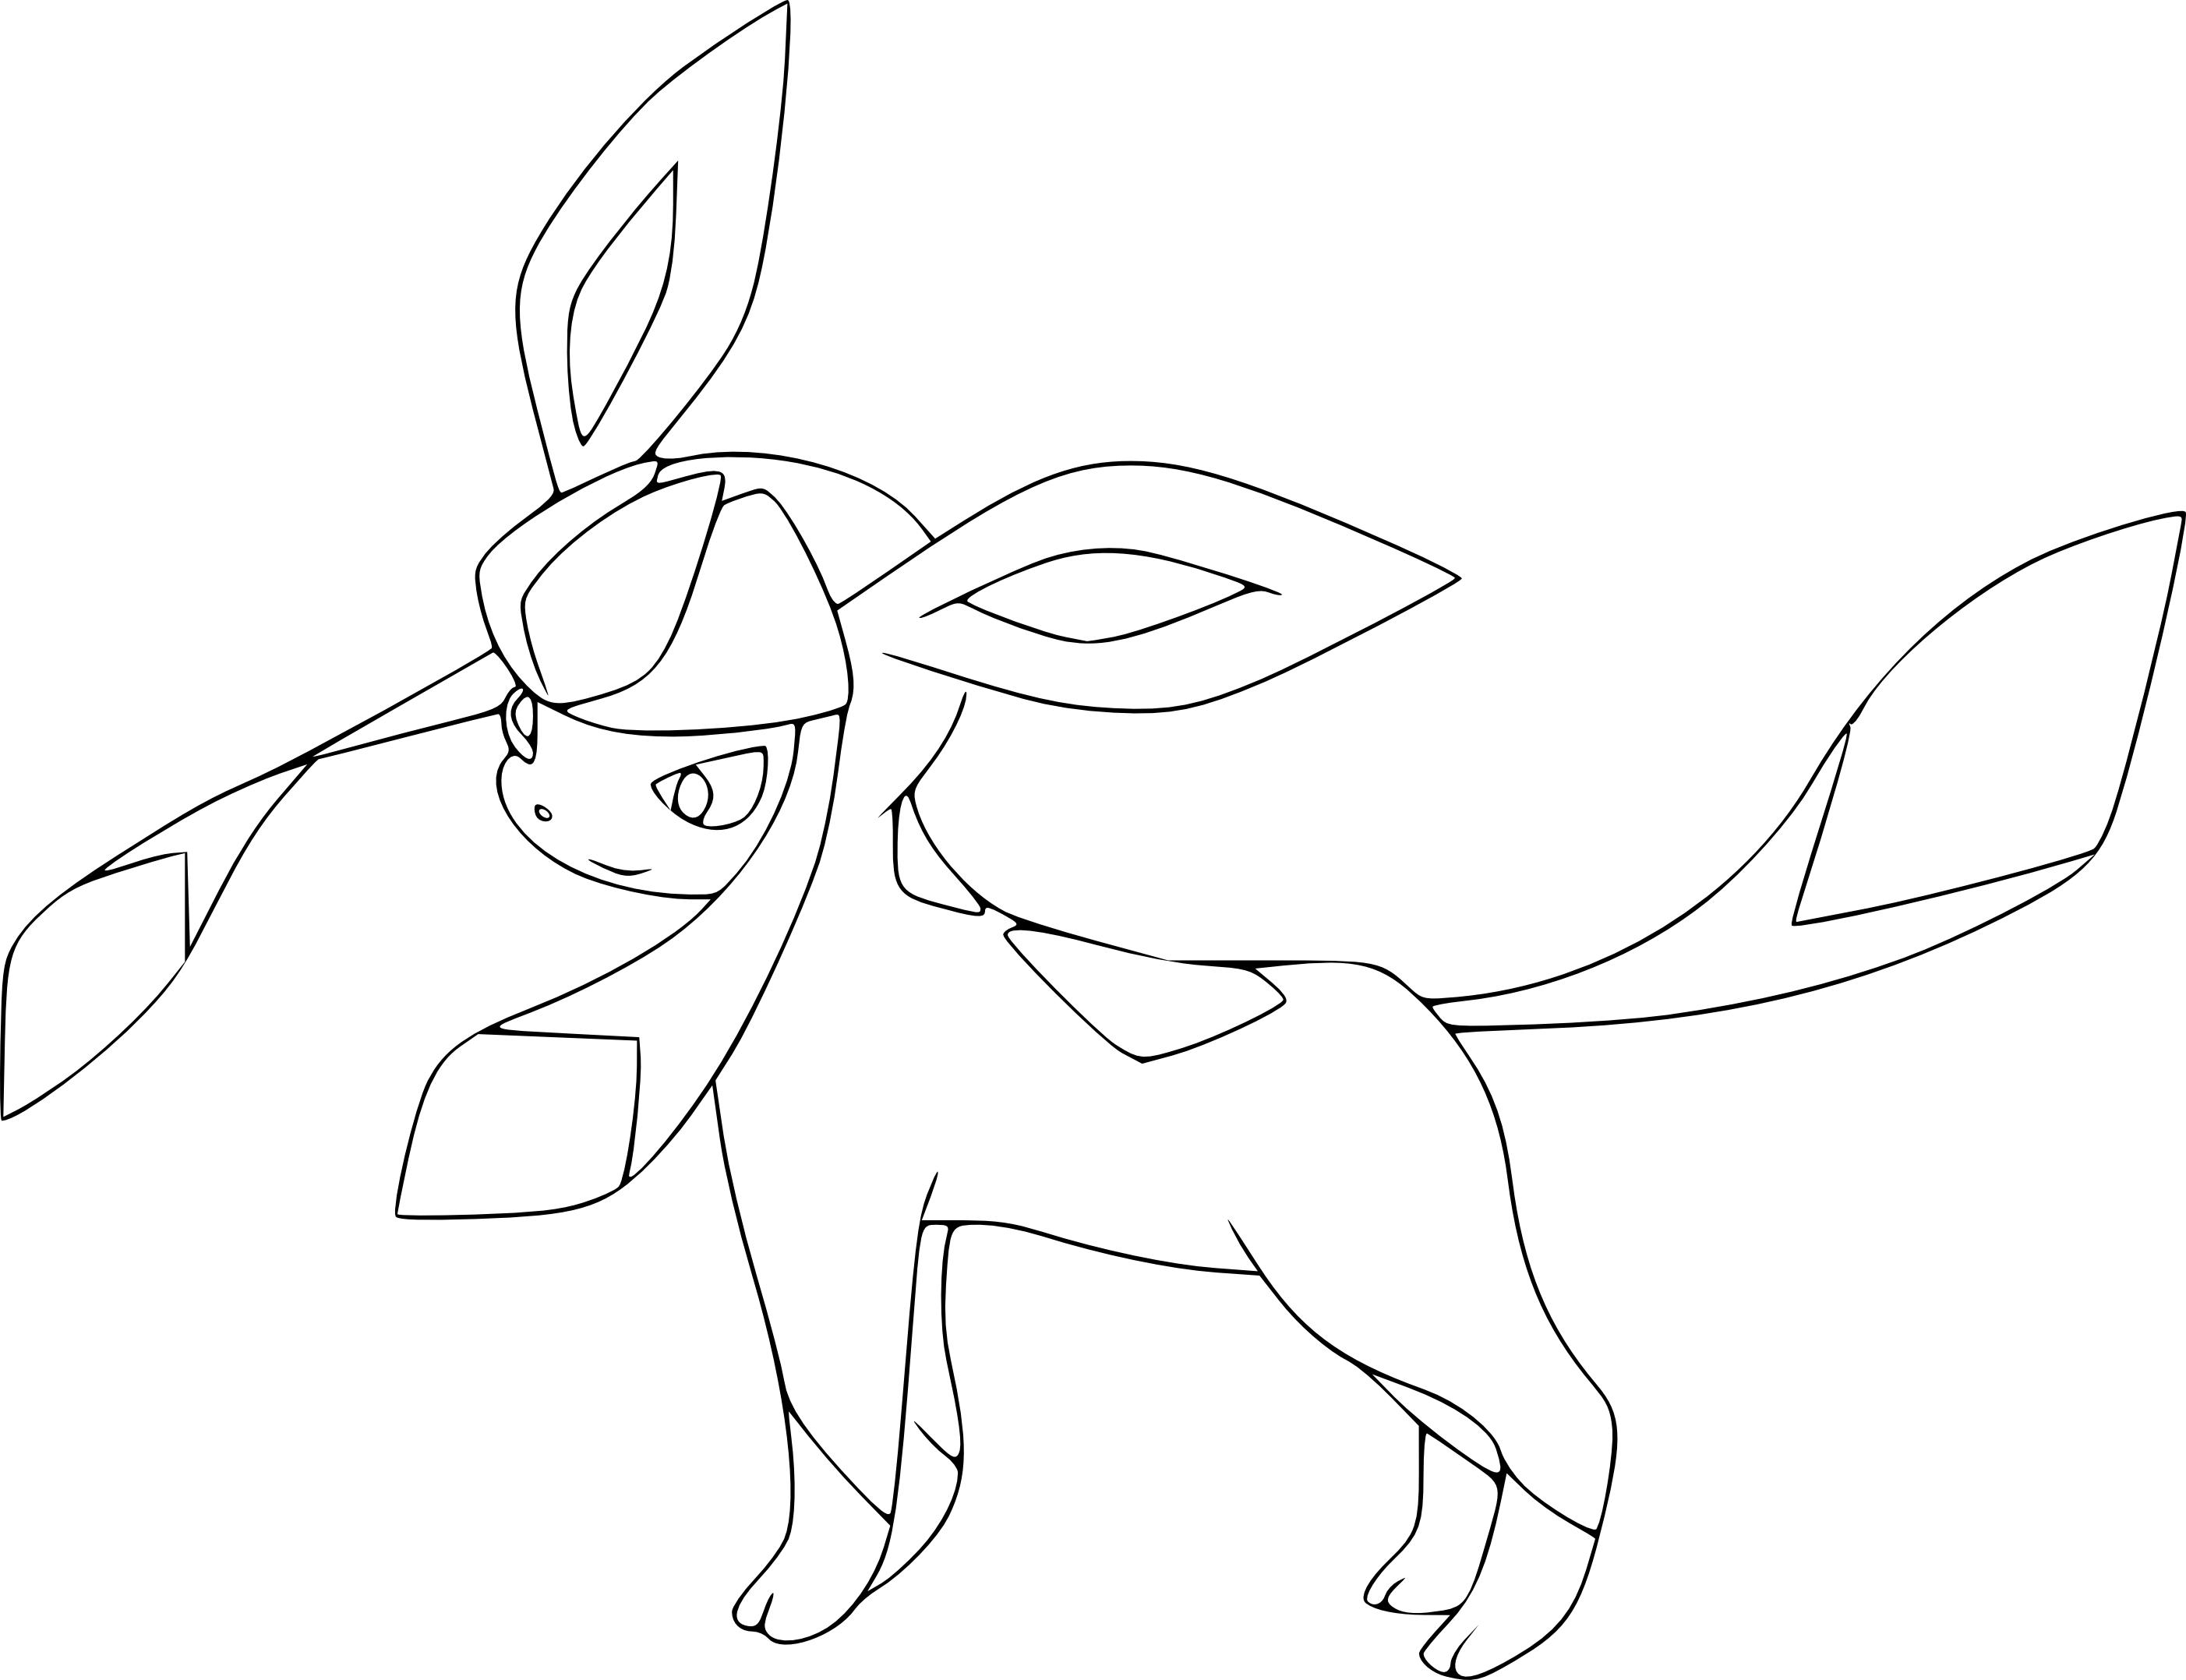 Coloriage givrali pokemon imprimer et colorier - Coloriage pikachu en ligne ...